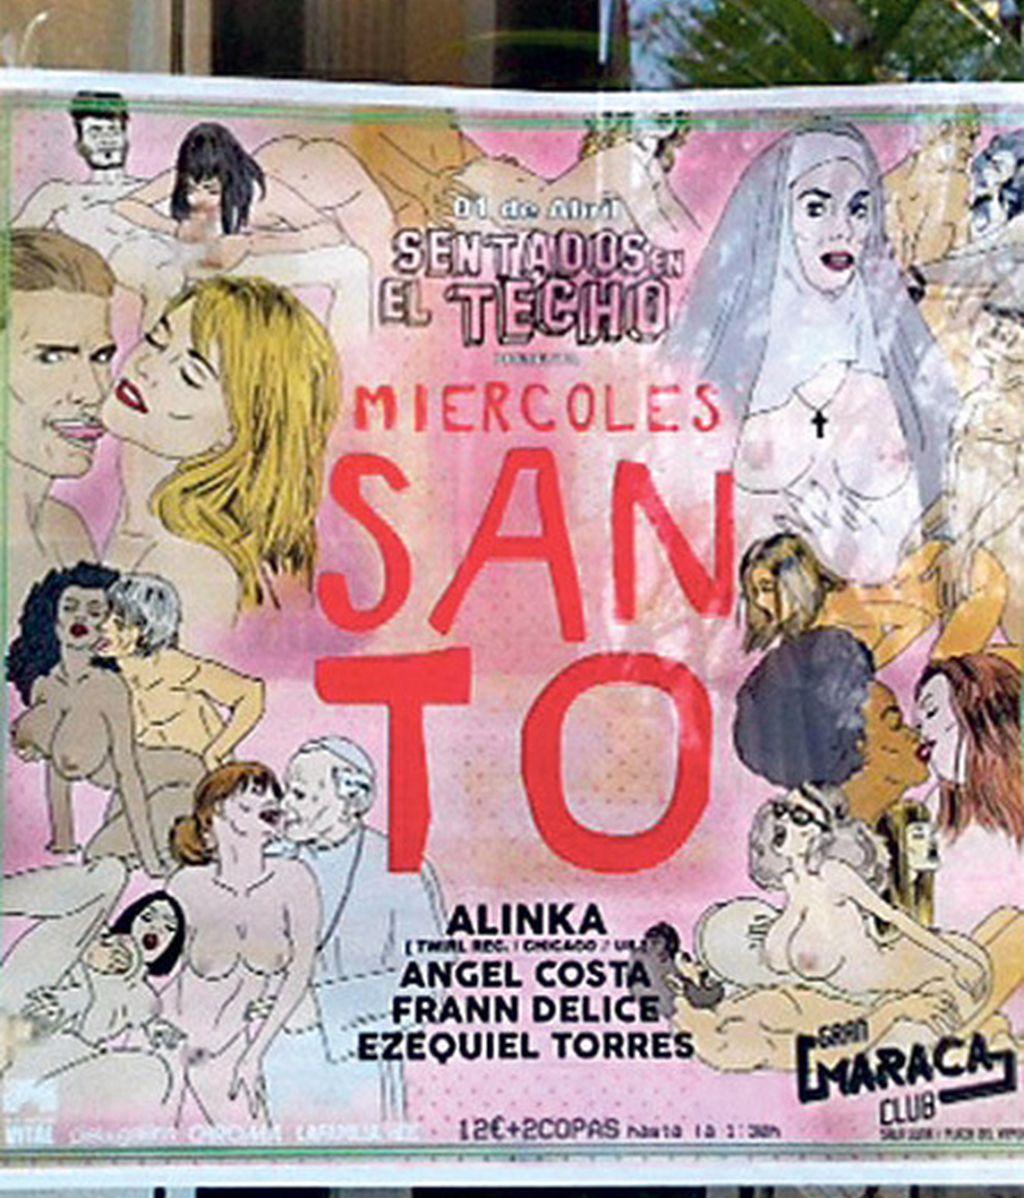 Denuncian el cartel erótico de una fiesta titulada 'Miércoles Santo' por atentar contra la libertad religiosa